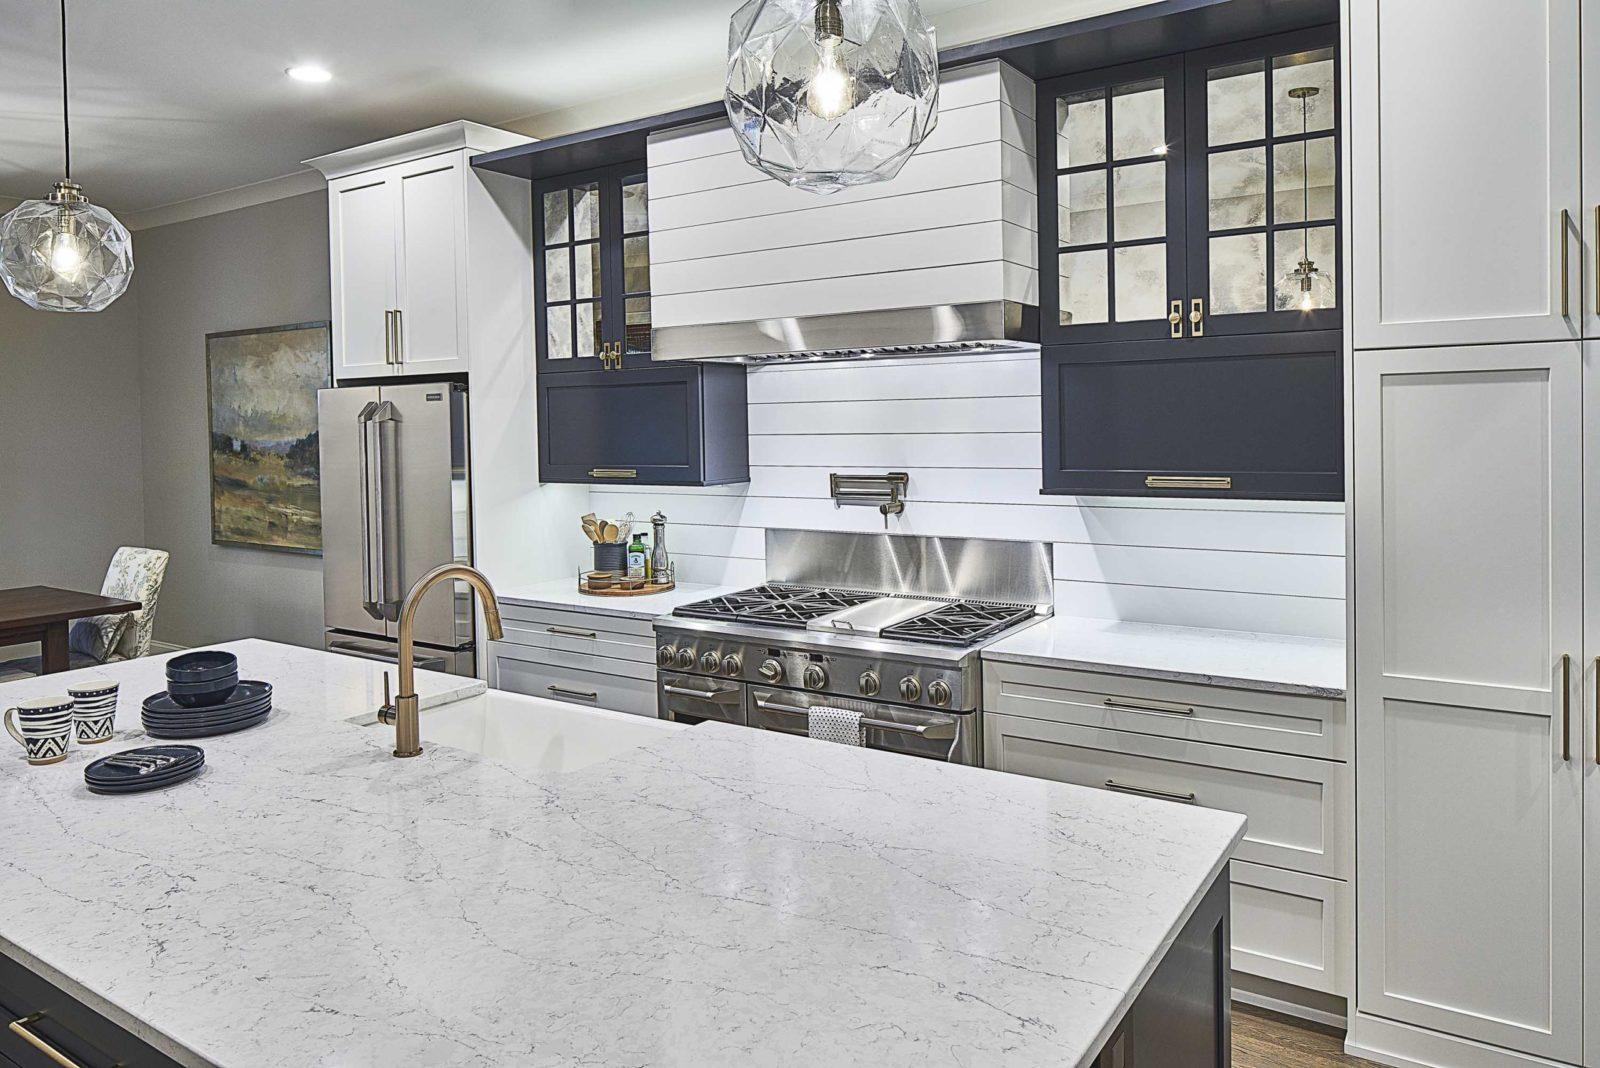 fort-mill-kitchen-redesign-kitchen-appliances